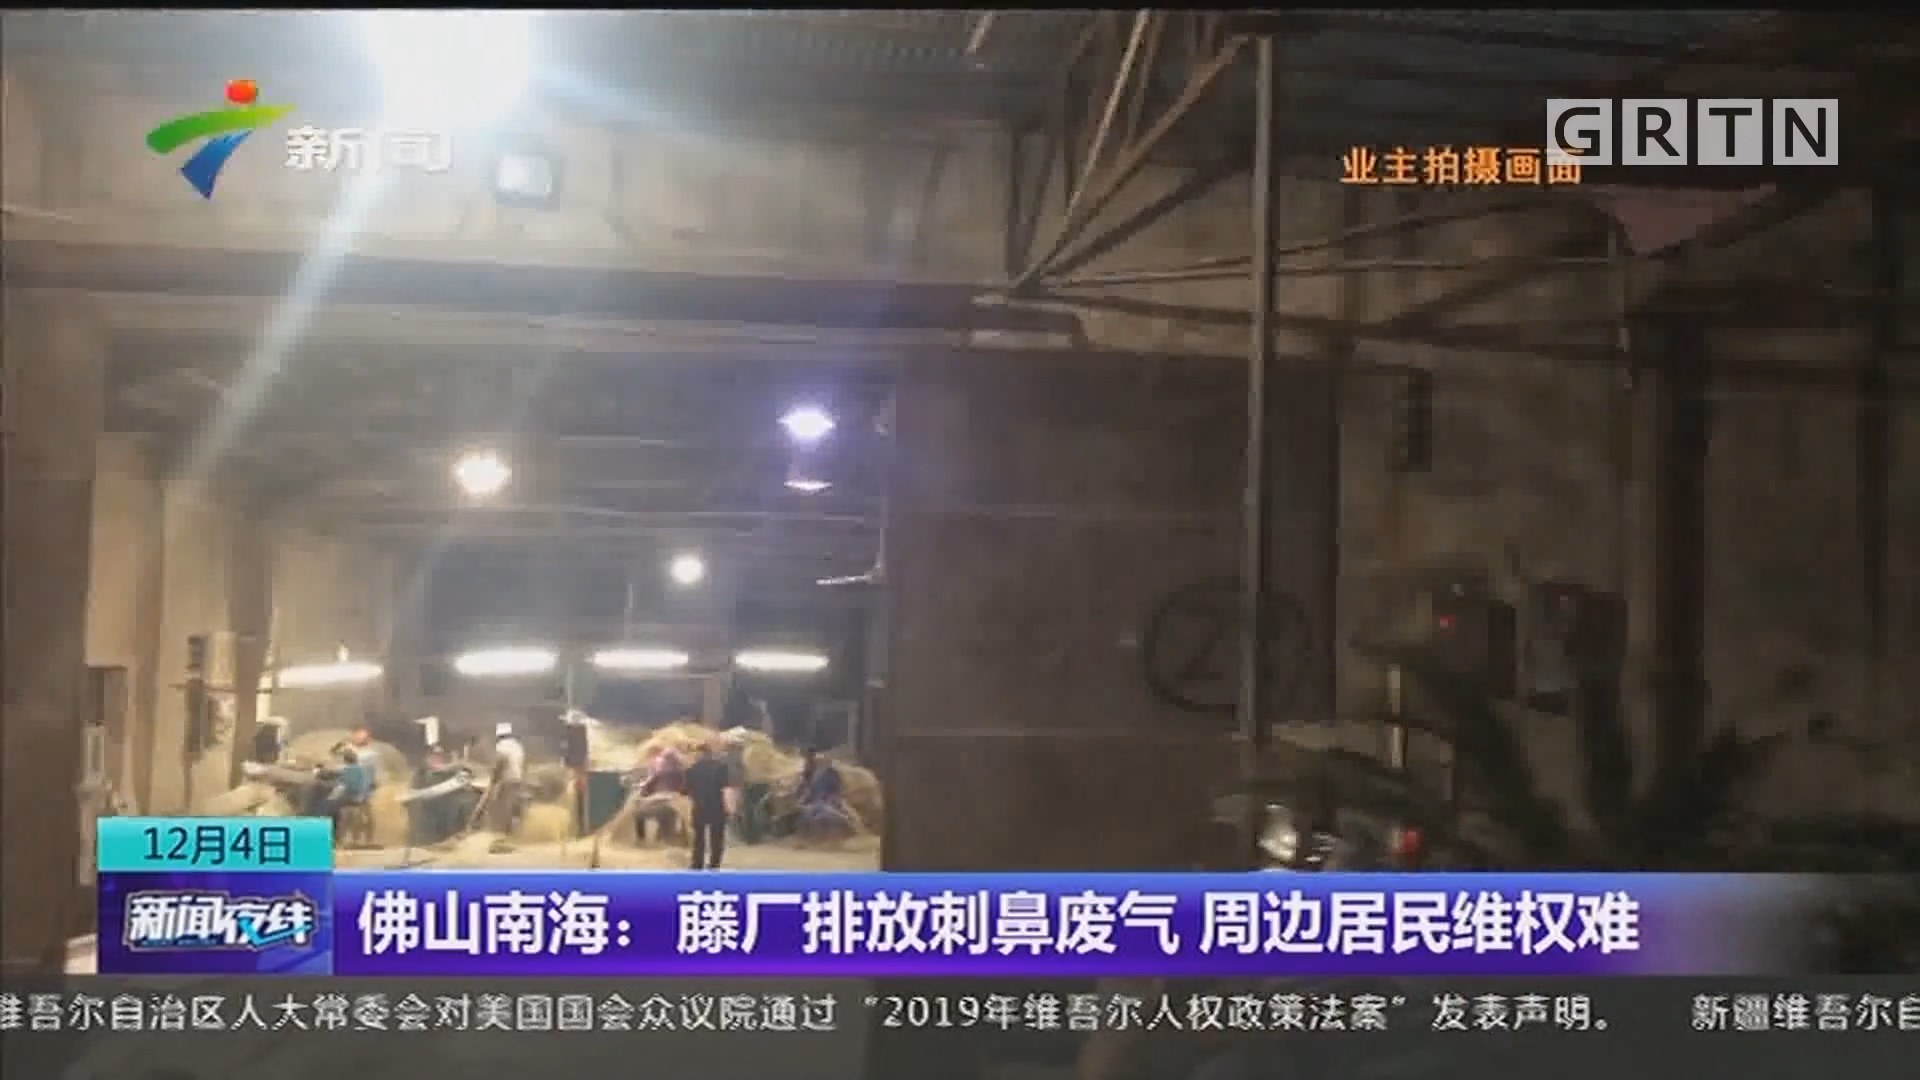 佛山南海:藤厂排放刺鼻废气 周边居民维权难